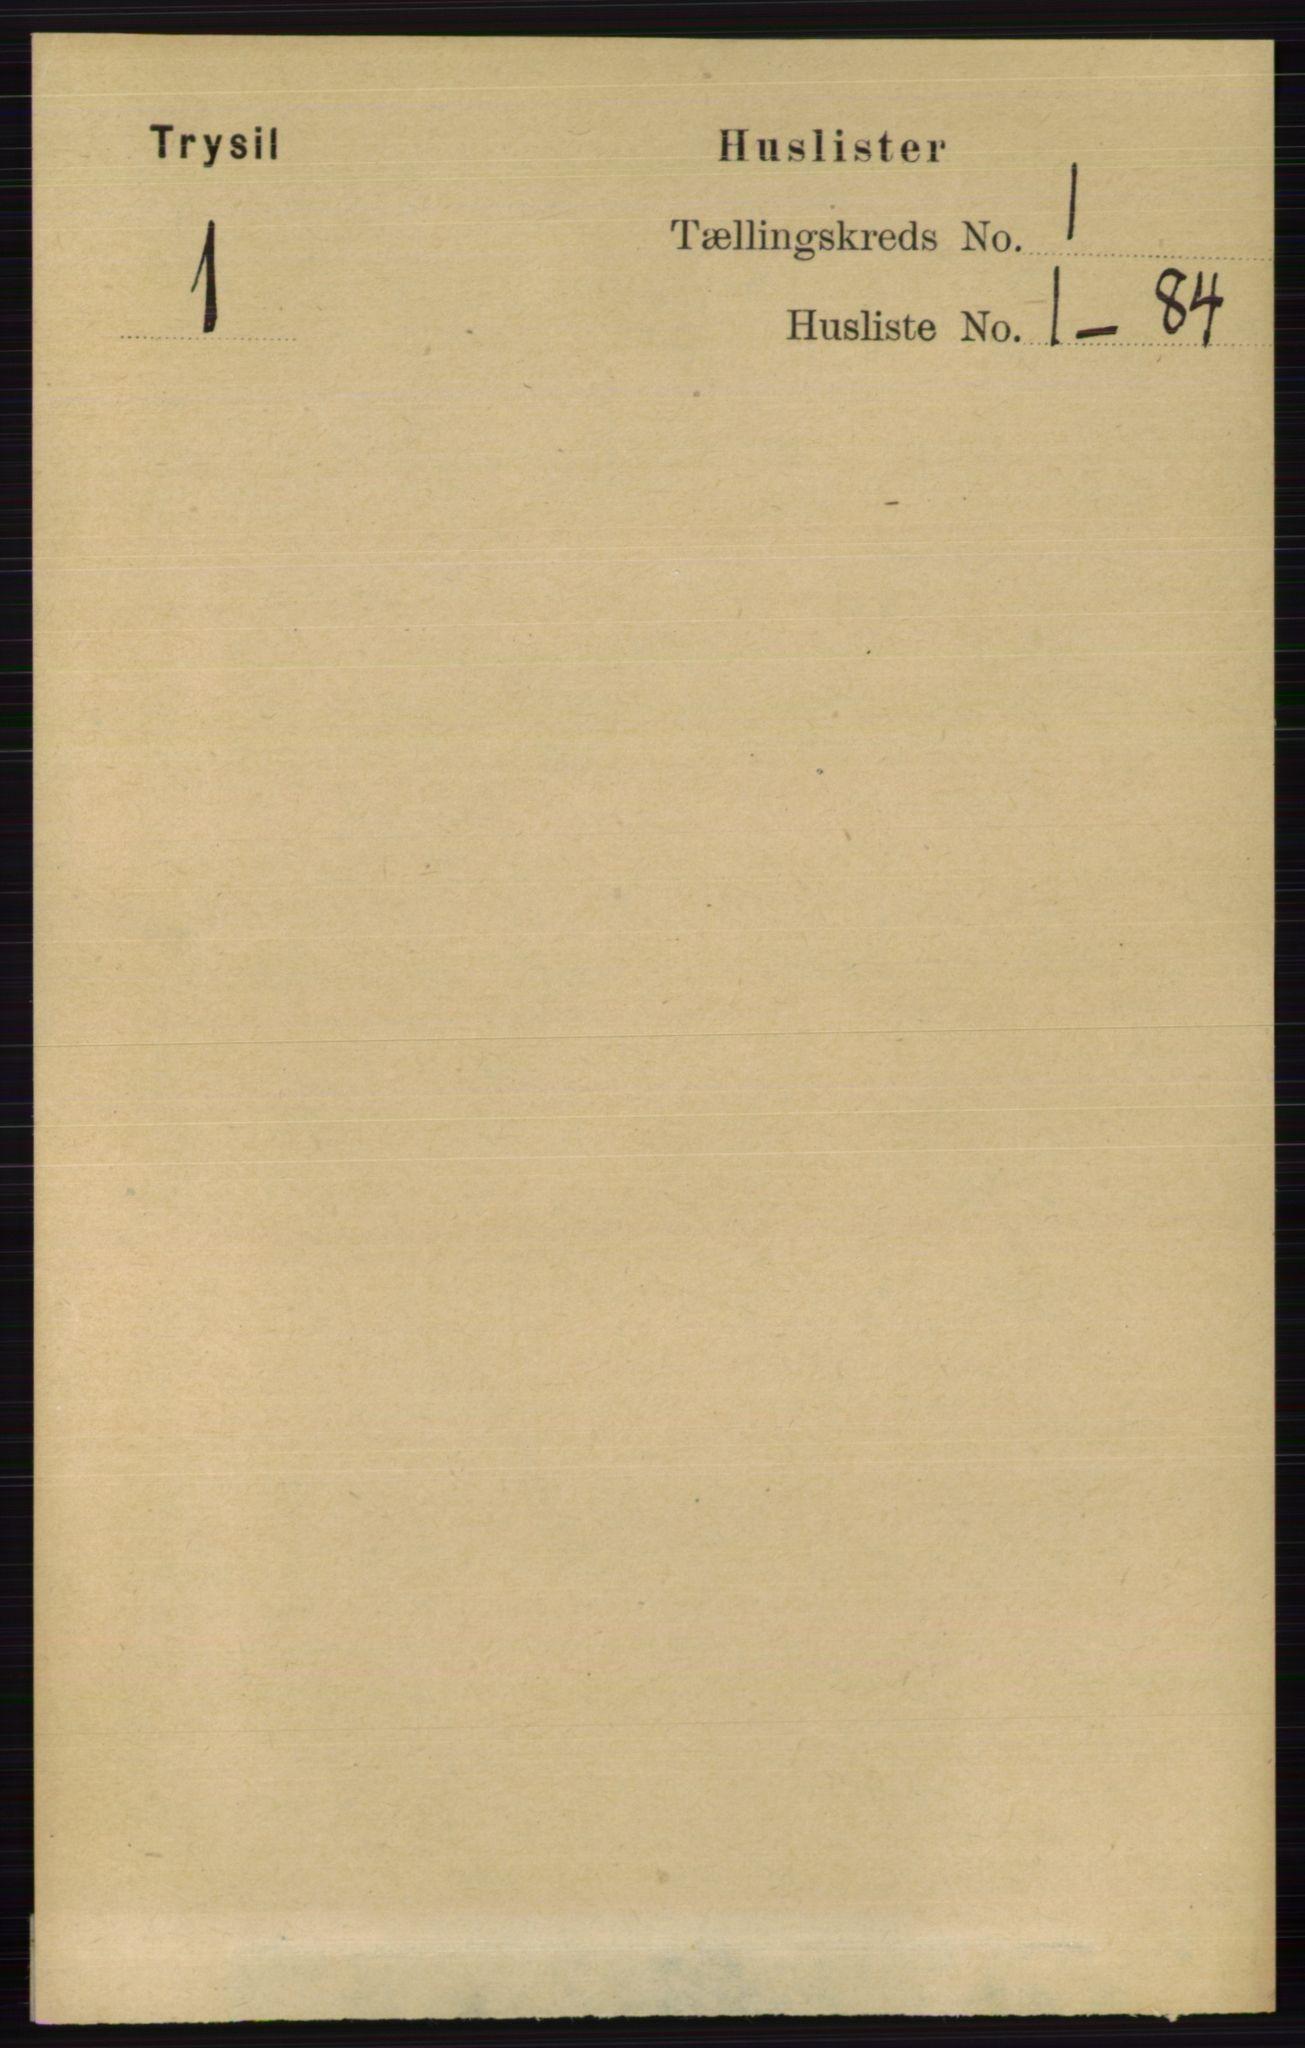 RA, Folketelling 1891 for 0428 Trysil herred, 1891, s. 31